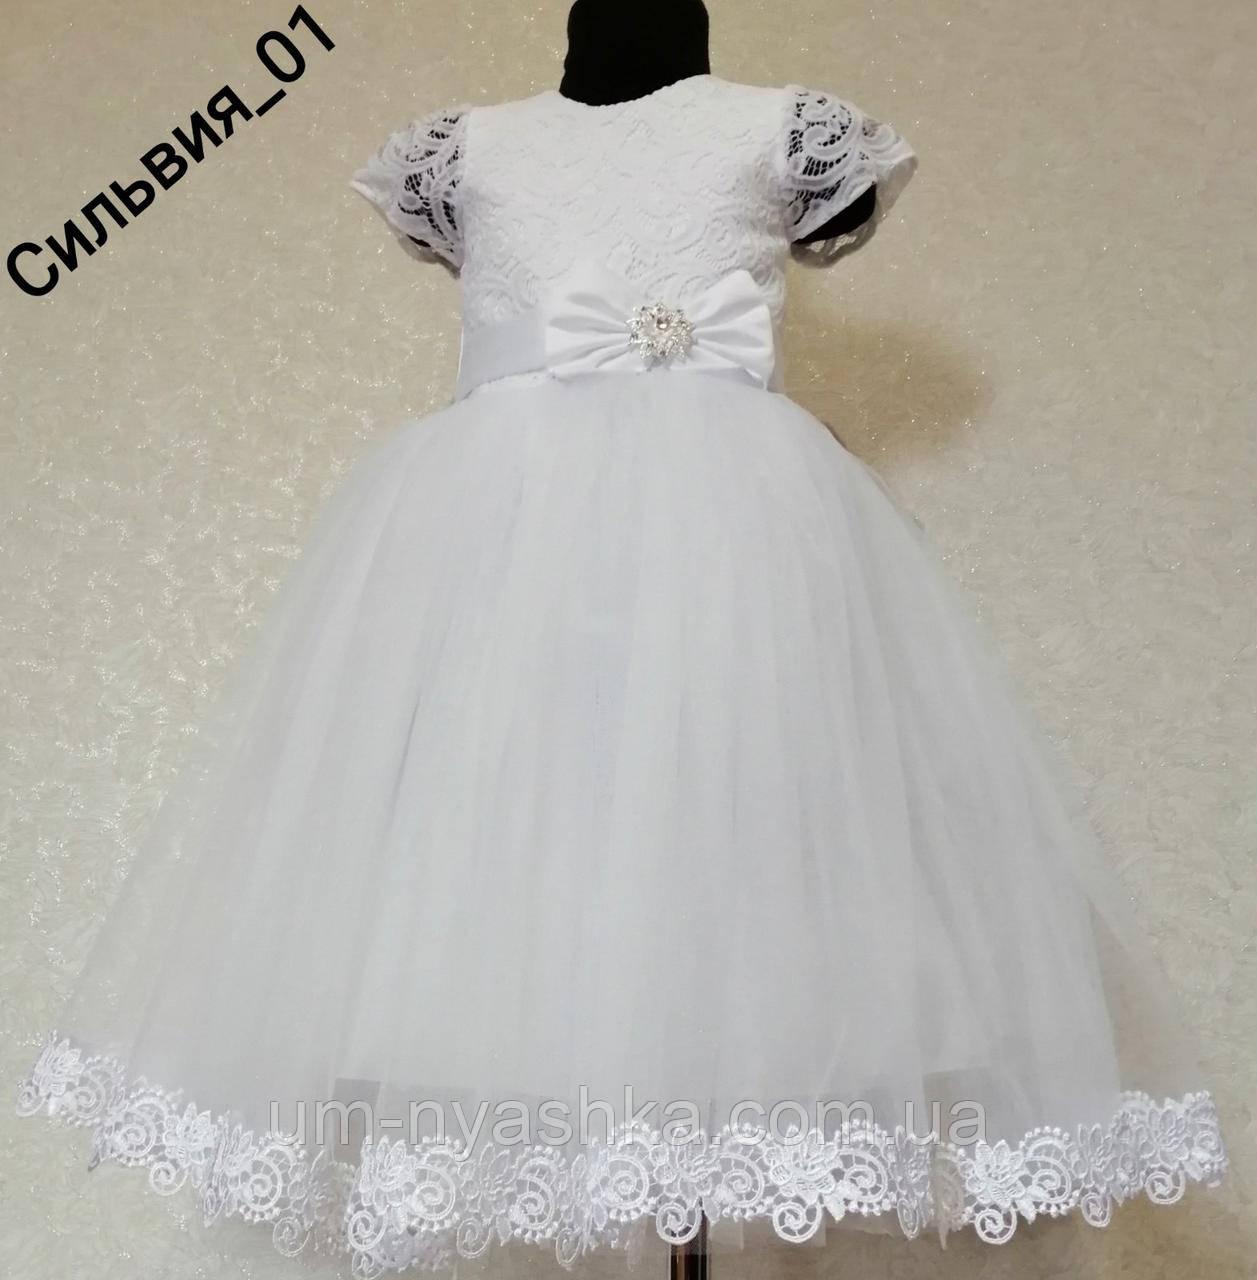 Детское нарядное белое платье Снежинка Сильвия-брошка 98-116